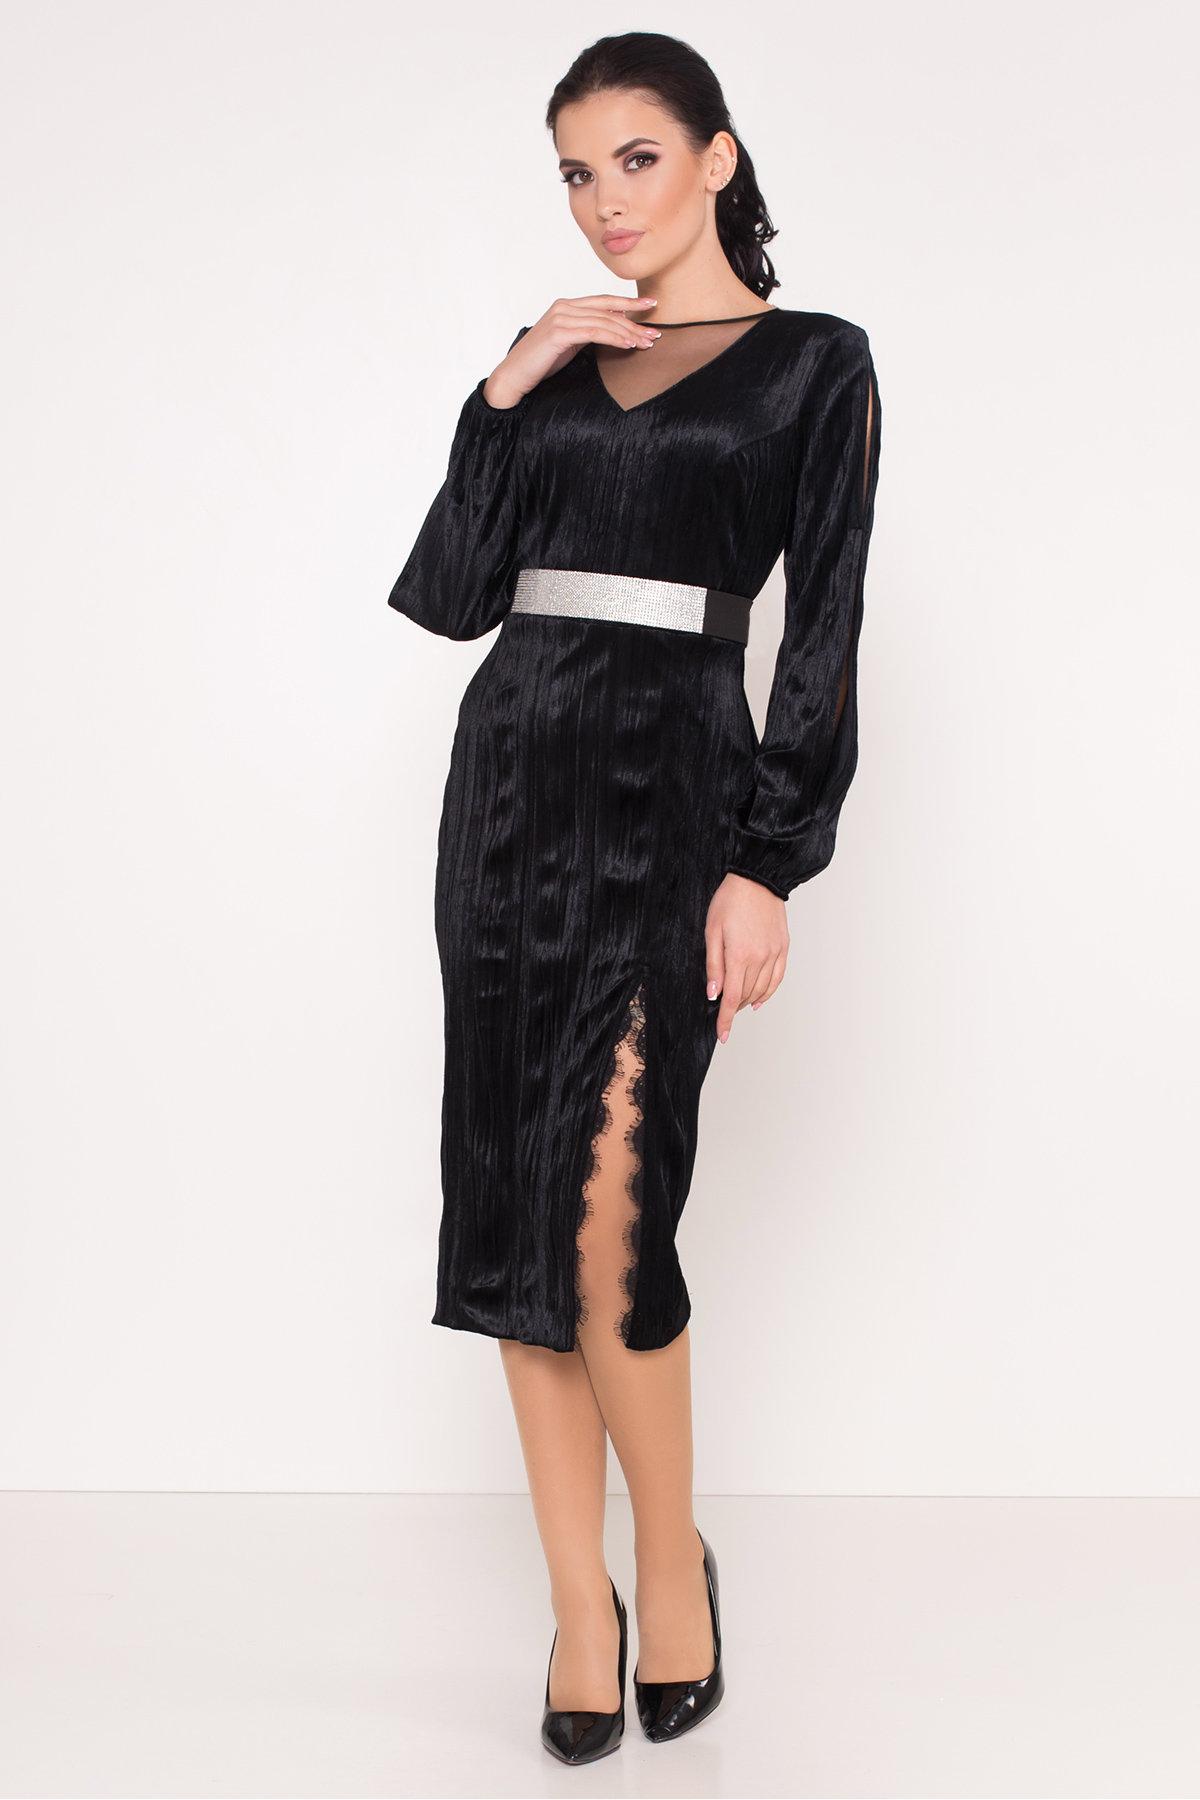 Велюровое платье-миди длины Блек 8652 АРТ. 44974 Цвет: Черный - фото 6, интернет магазин tm-modus.ru